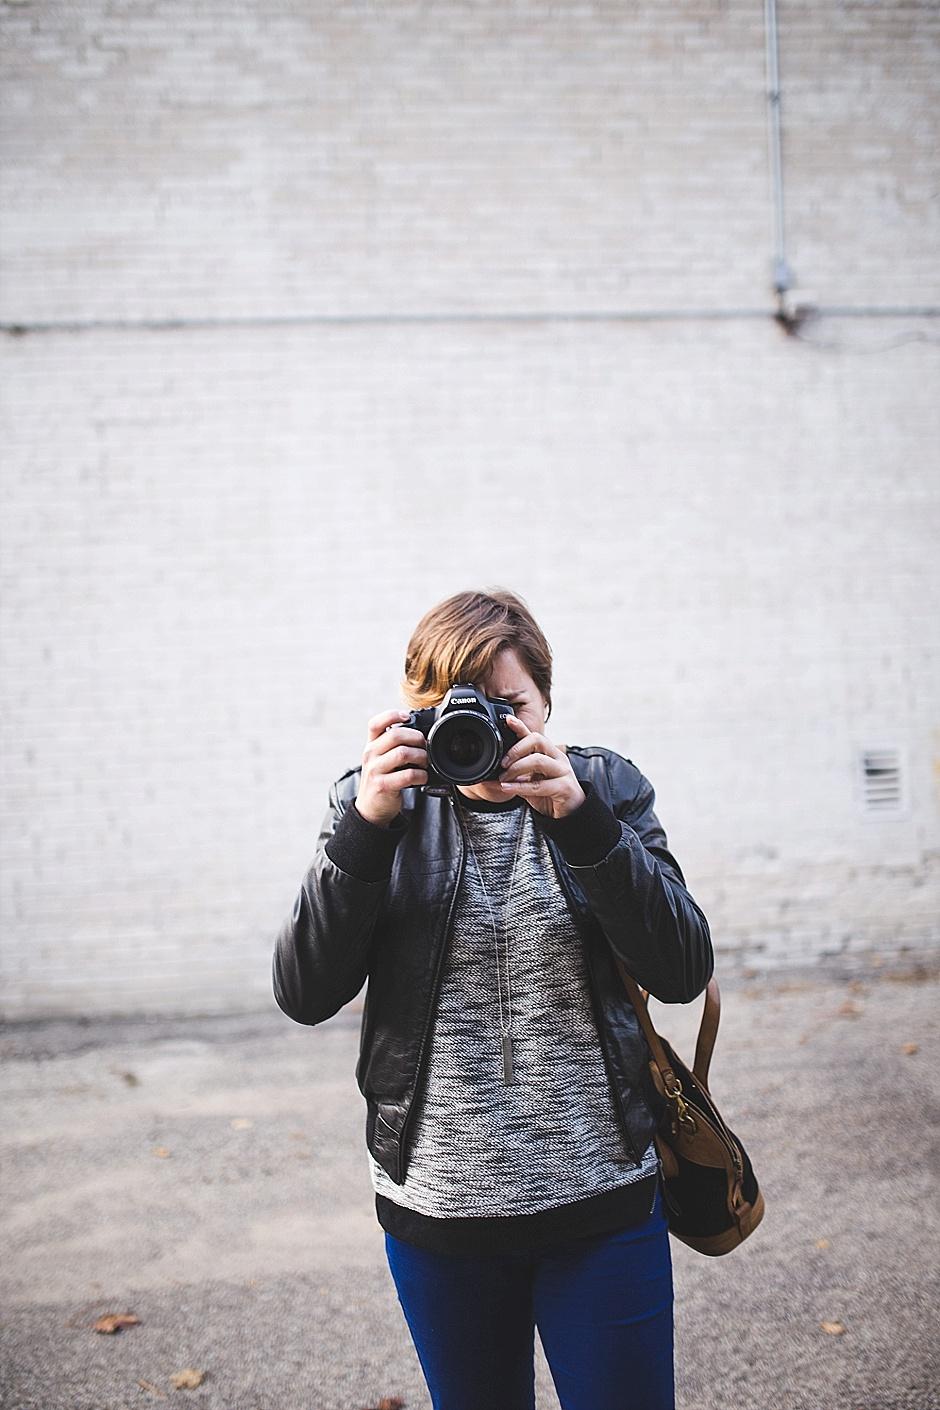 behindthescenes_rachelkayephotography03